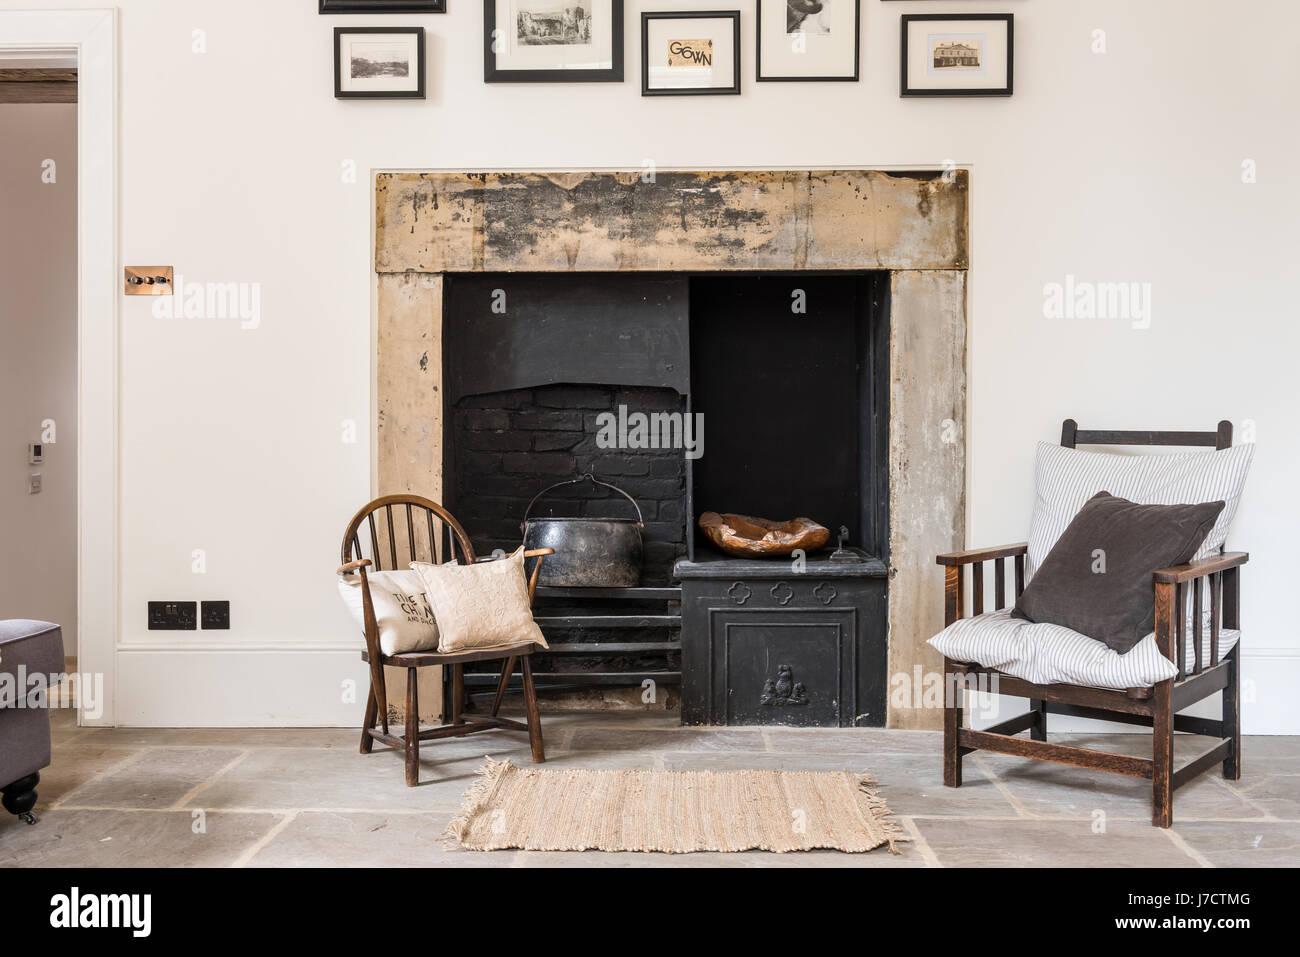 Original Kamin Im Wohnzimmer Mit Steinplatten Bodenbelag Und Alten Windsor  Stuhl